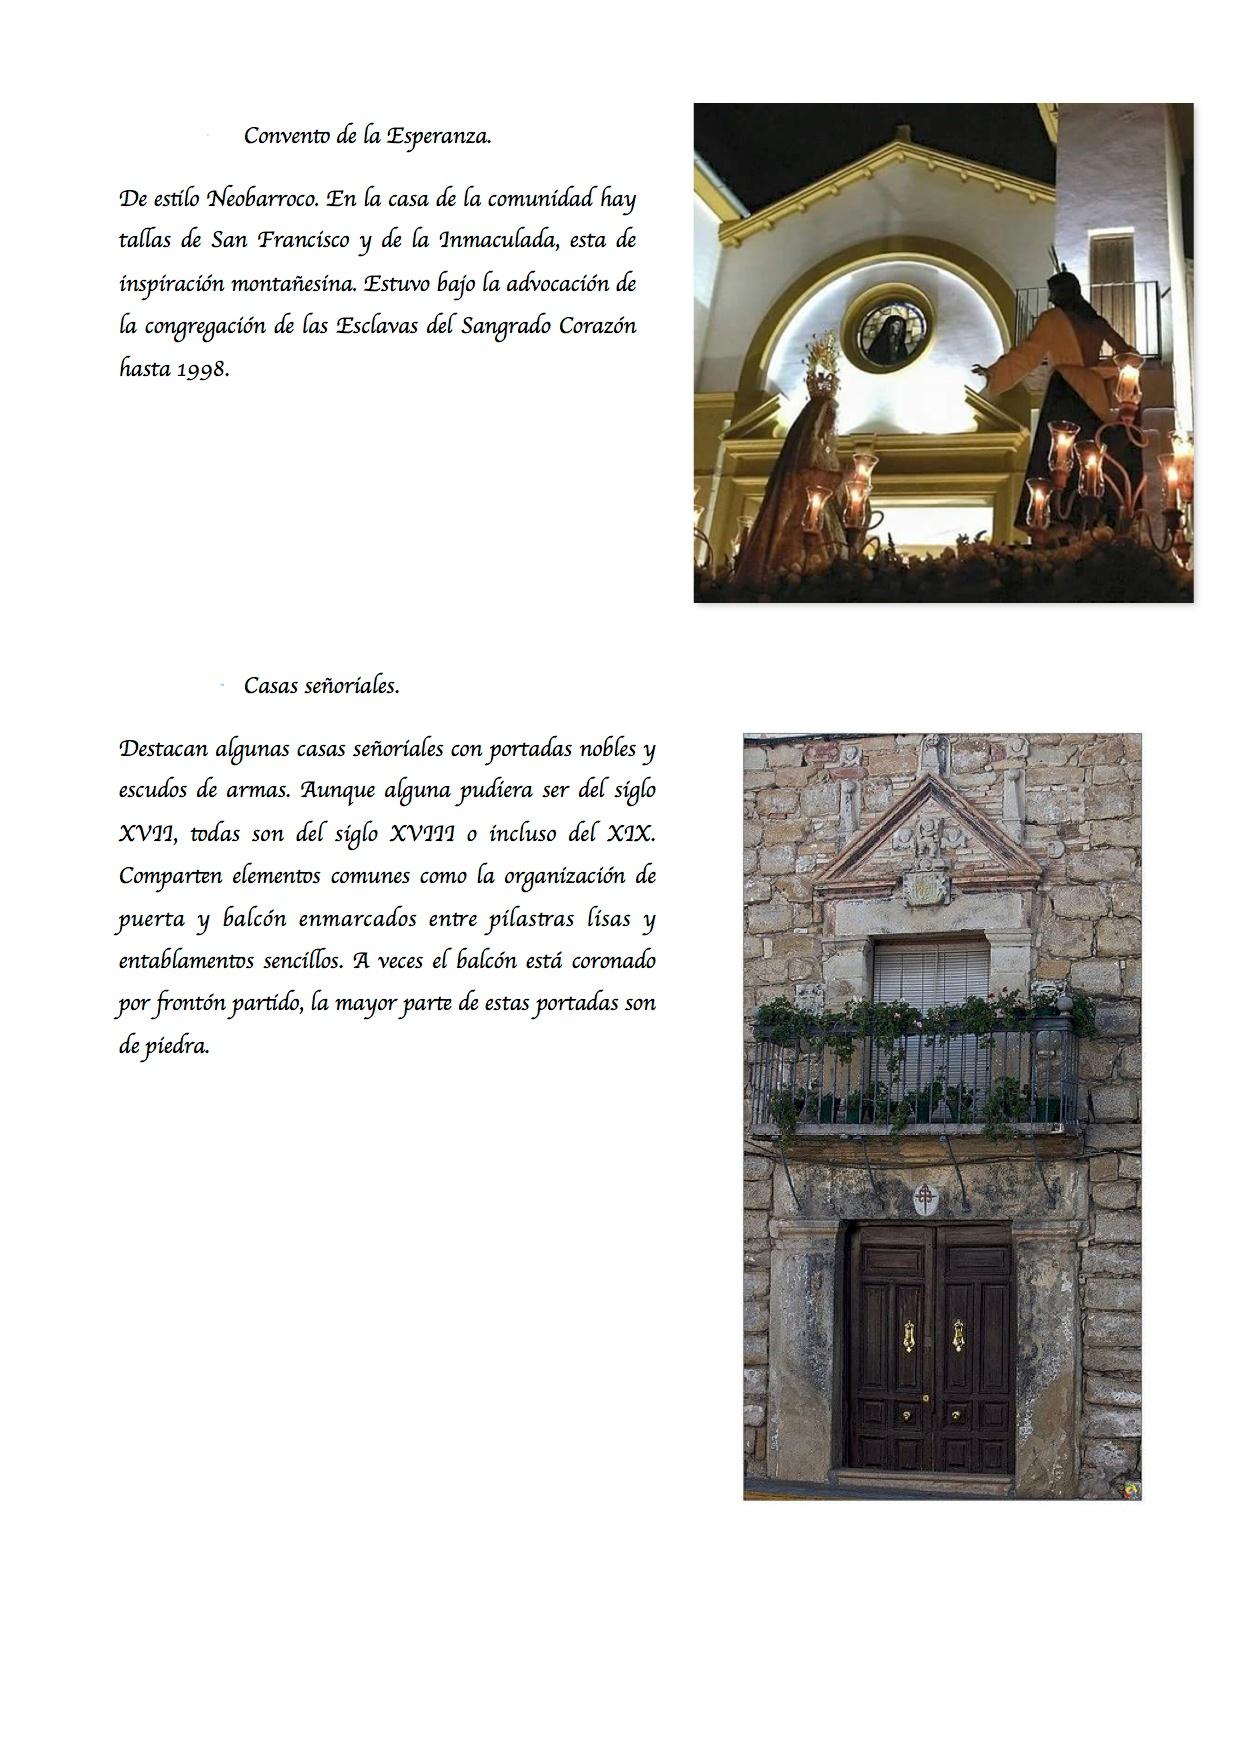 Convento de la Esperanza